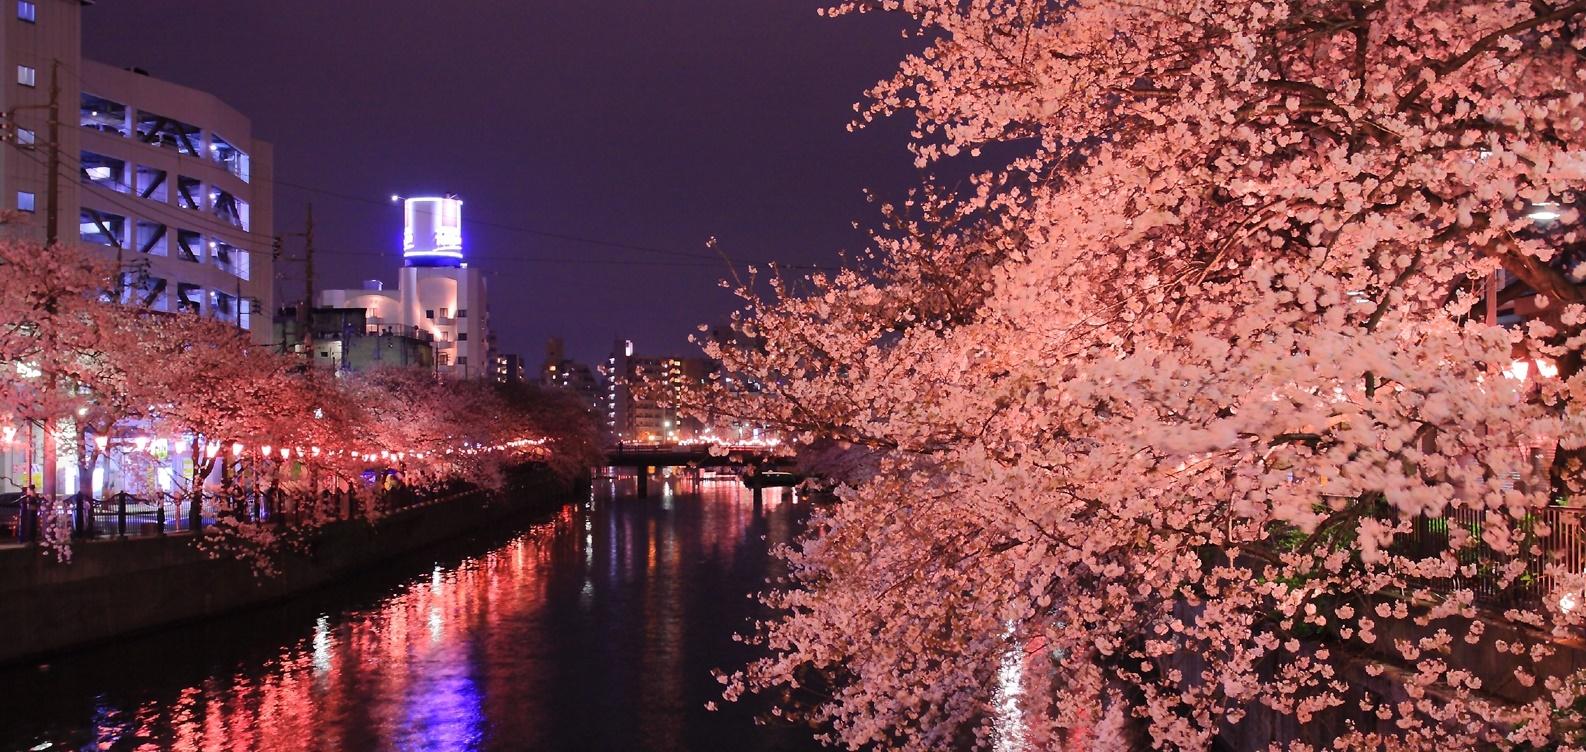 河川と桜のコントラスト